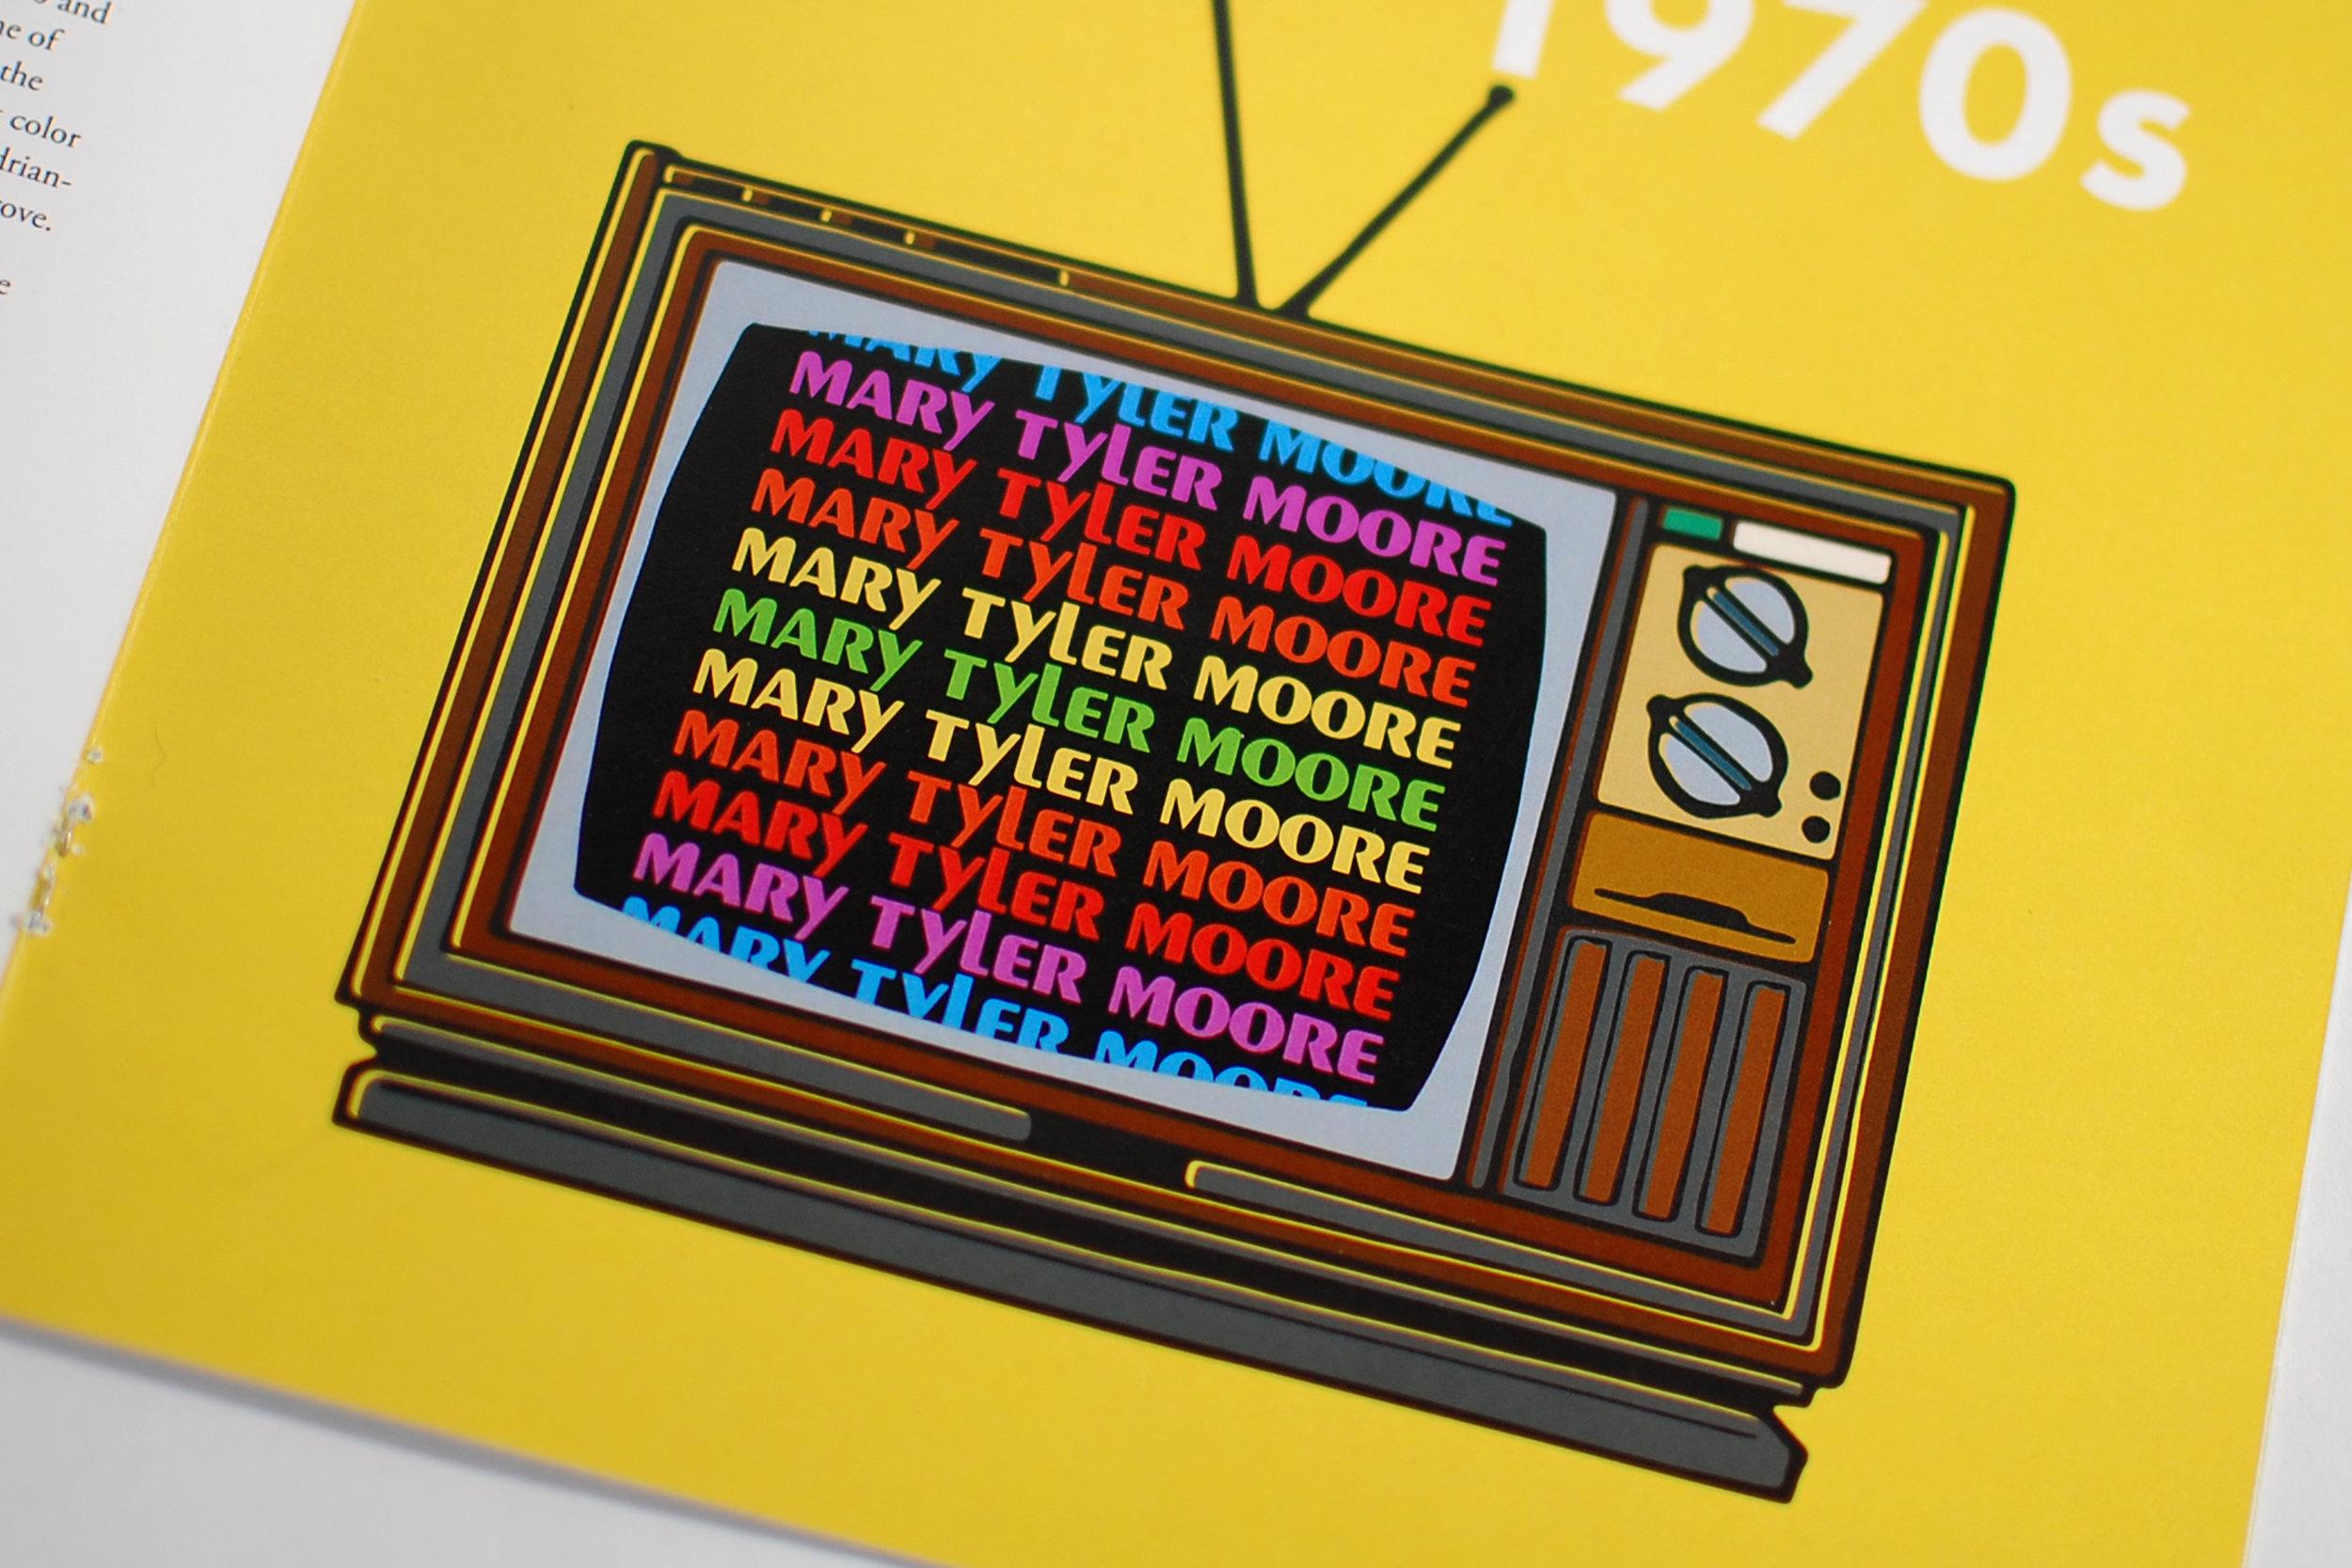 8_1960s_TvType.jpg